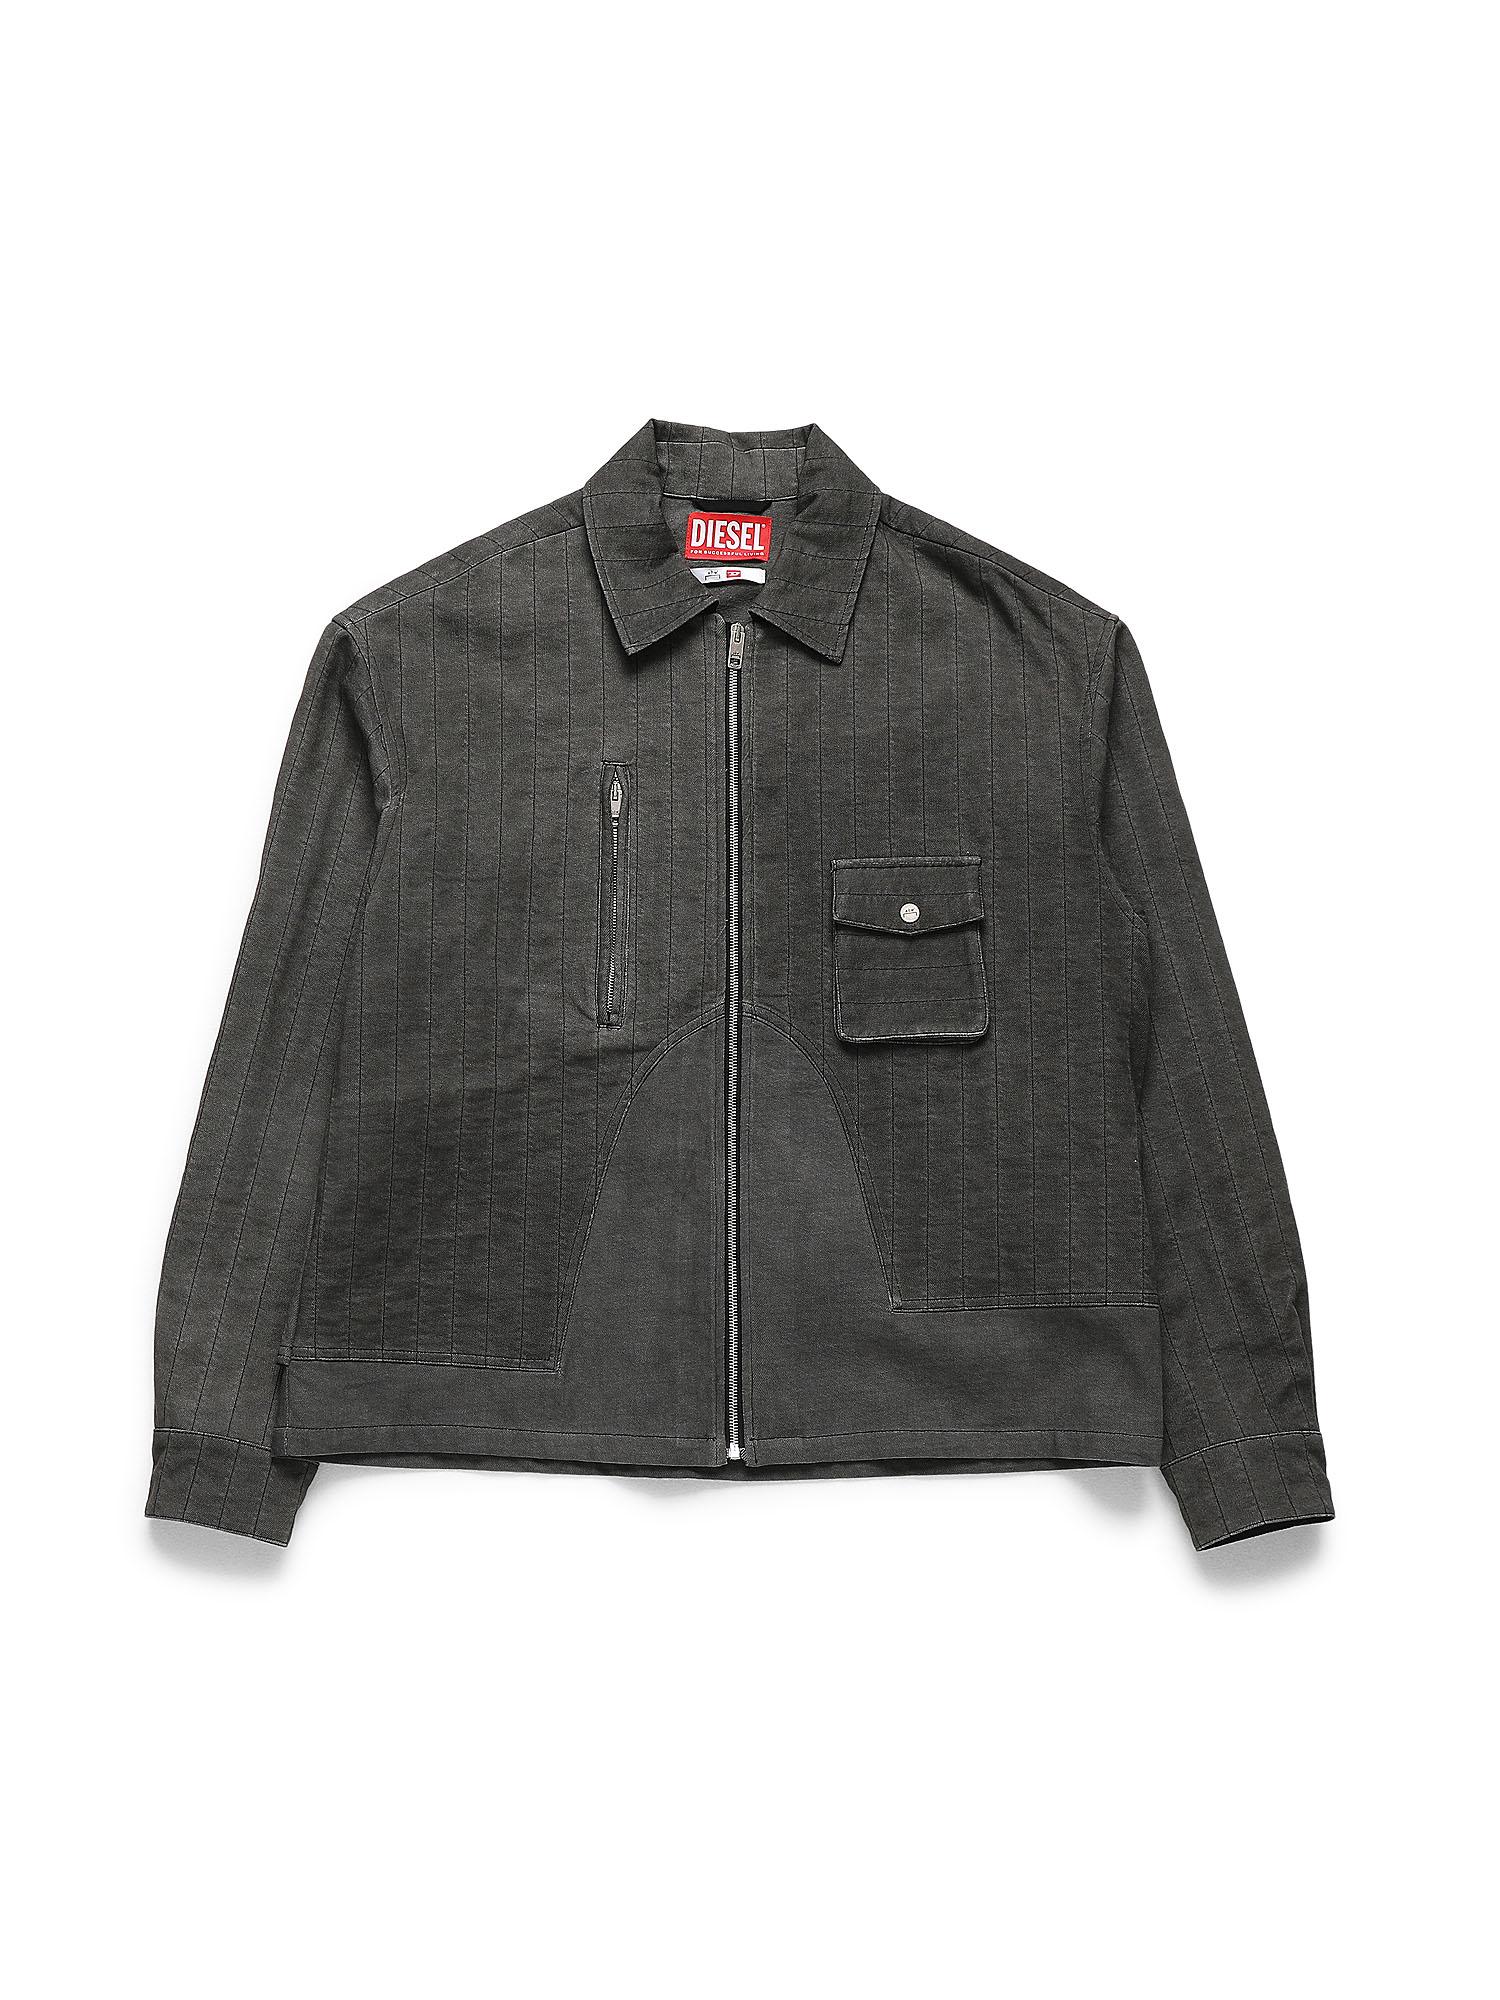 Diesel Denim Shirts 0GAXS - Black - L